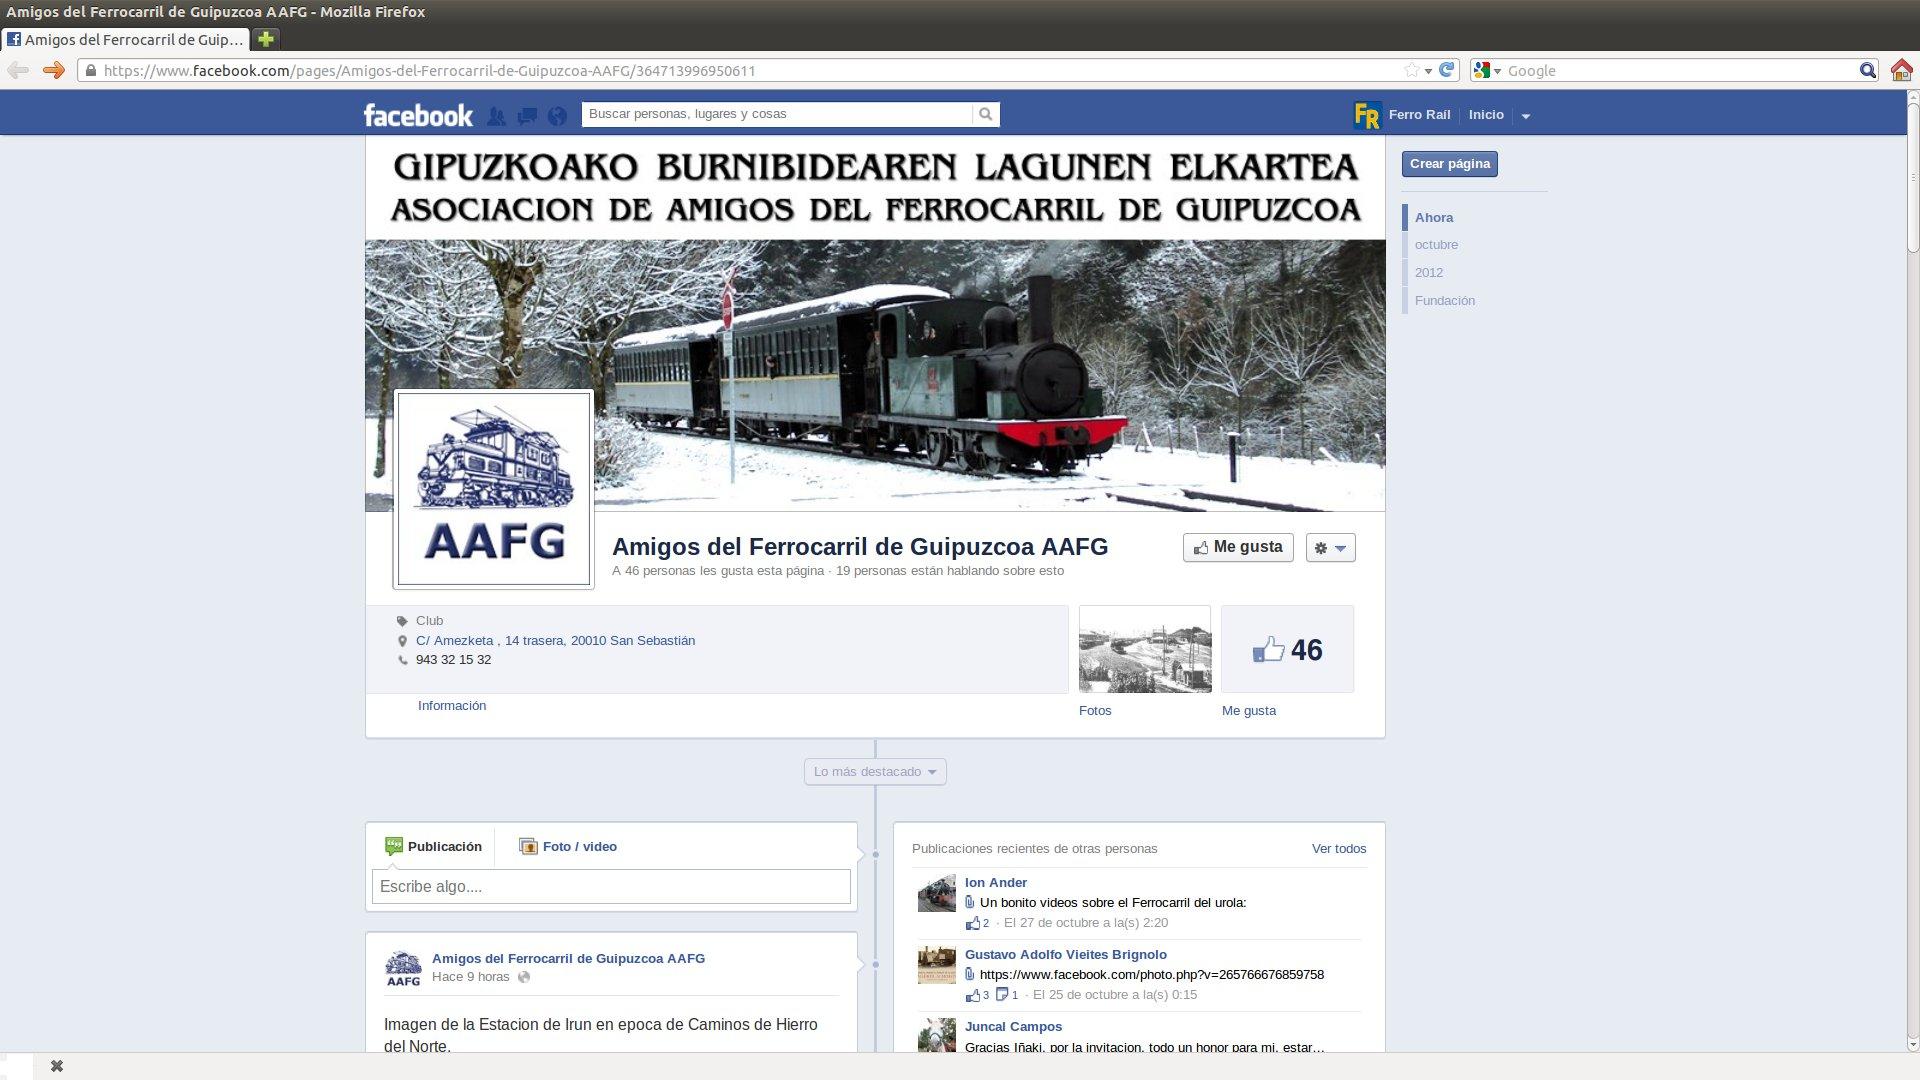 Captura de pantalla de la página de los Amigos del Ferrocarril de Guipúzcoa.